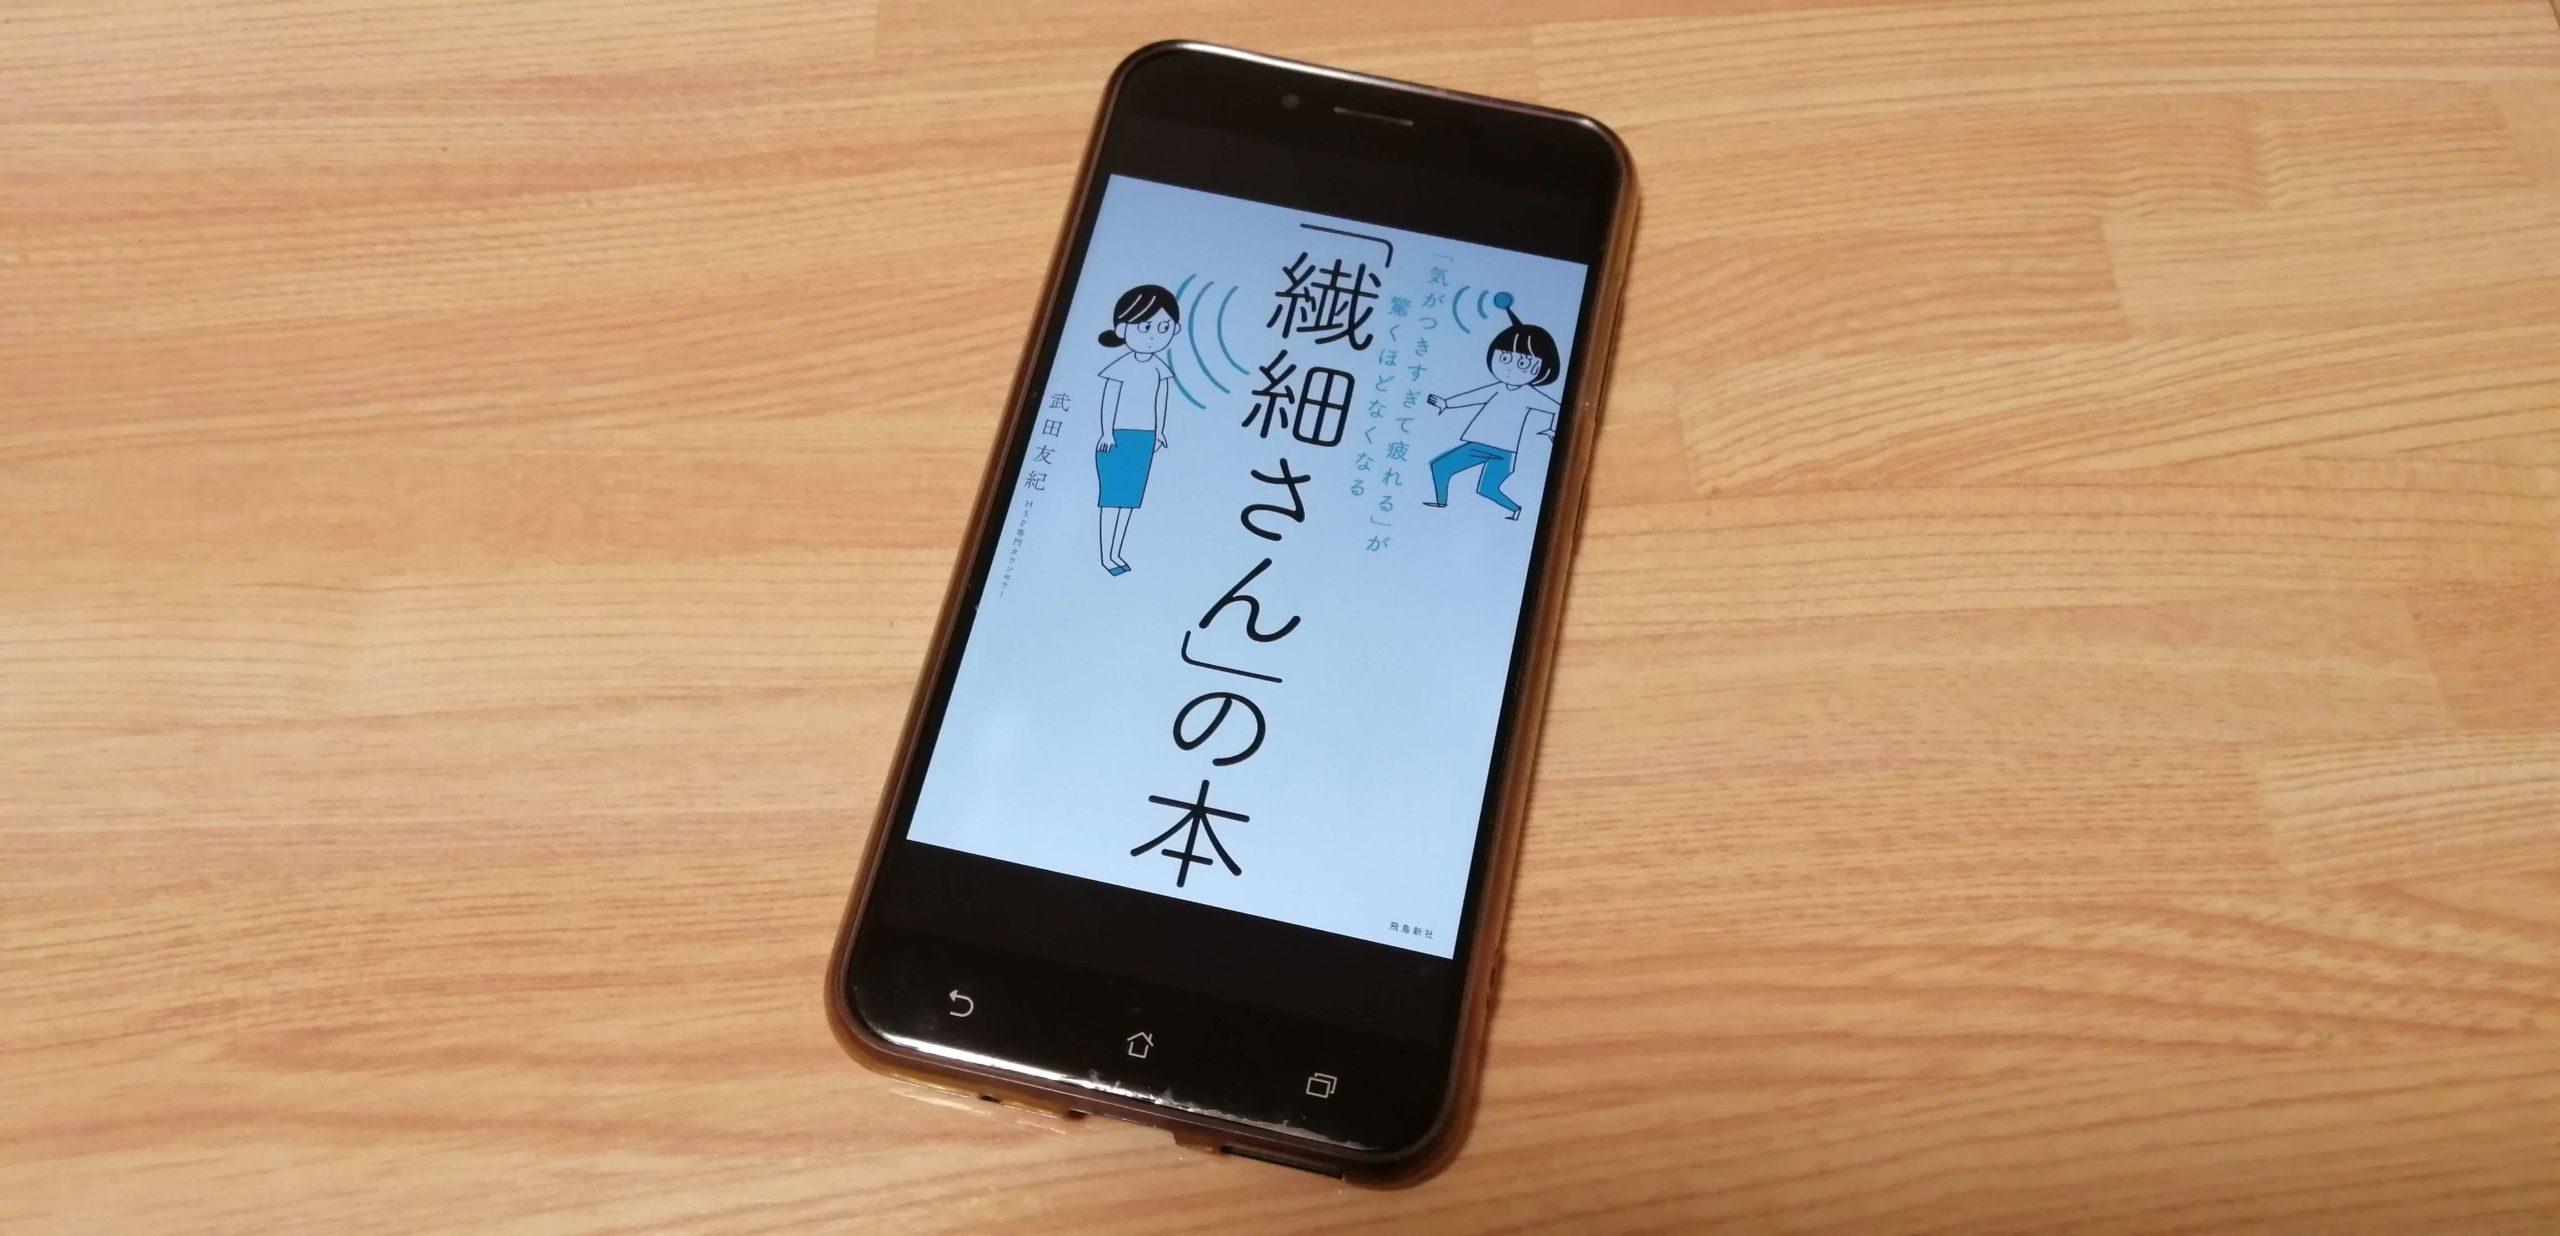 【読後感想】武田友紀さん著『「気がつきすぎて疲れる」が驚くほどなくなる「繊細さん」の本』